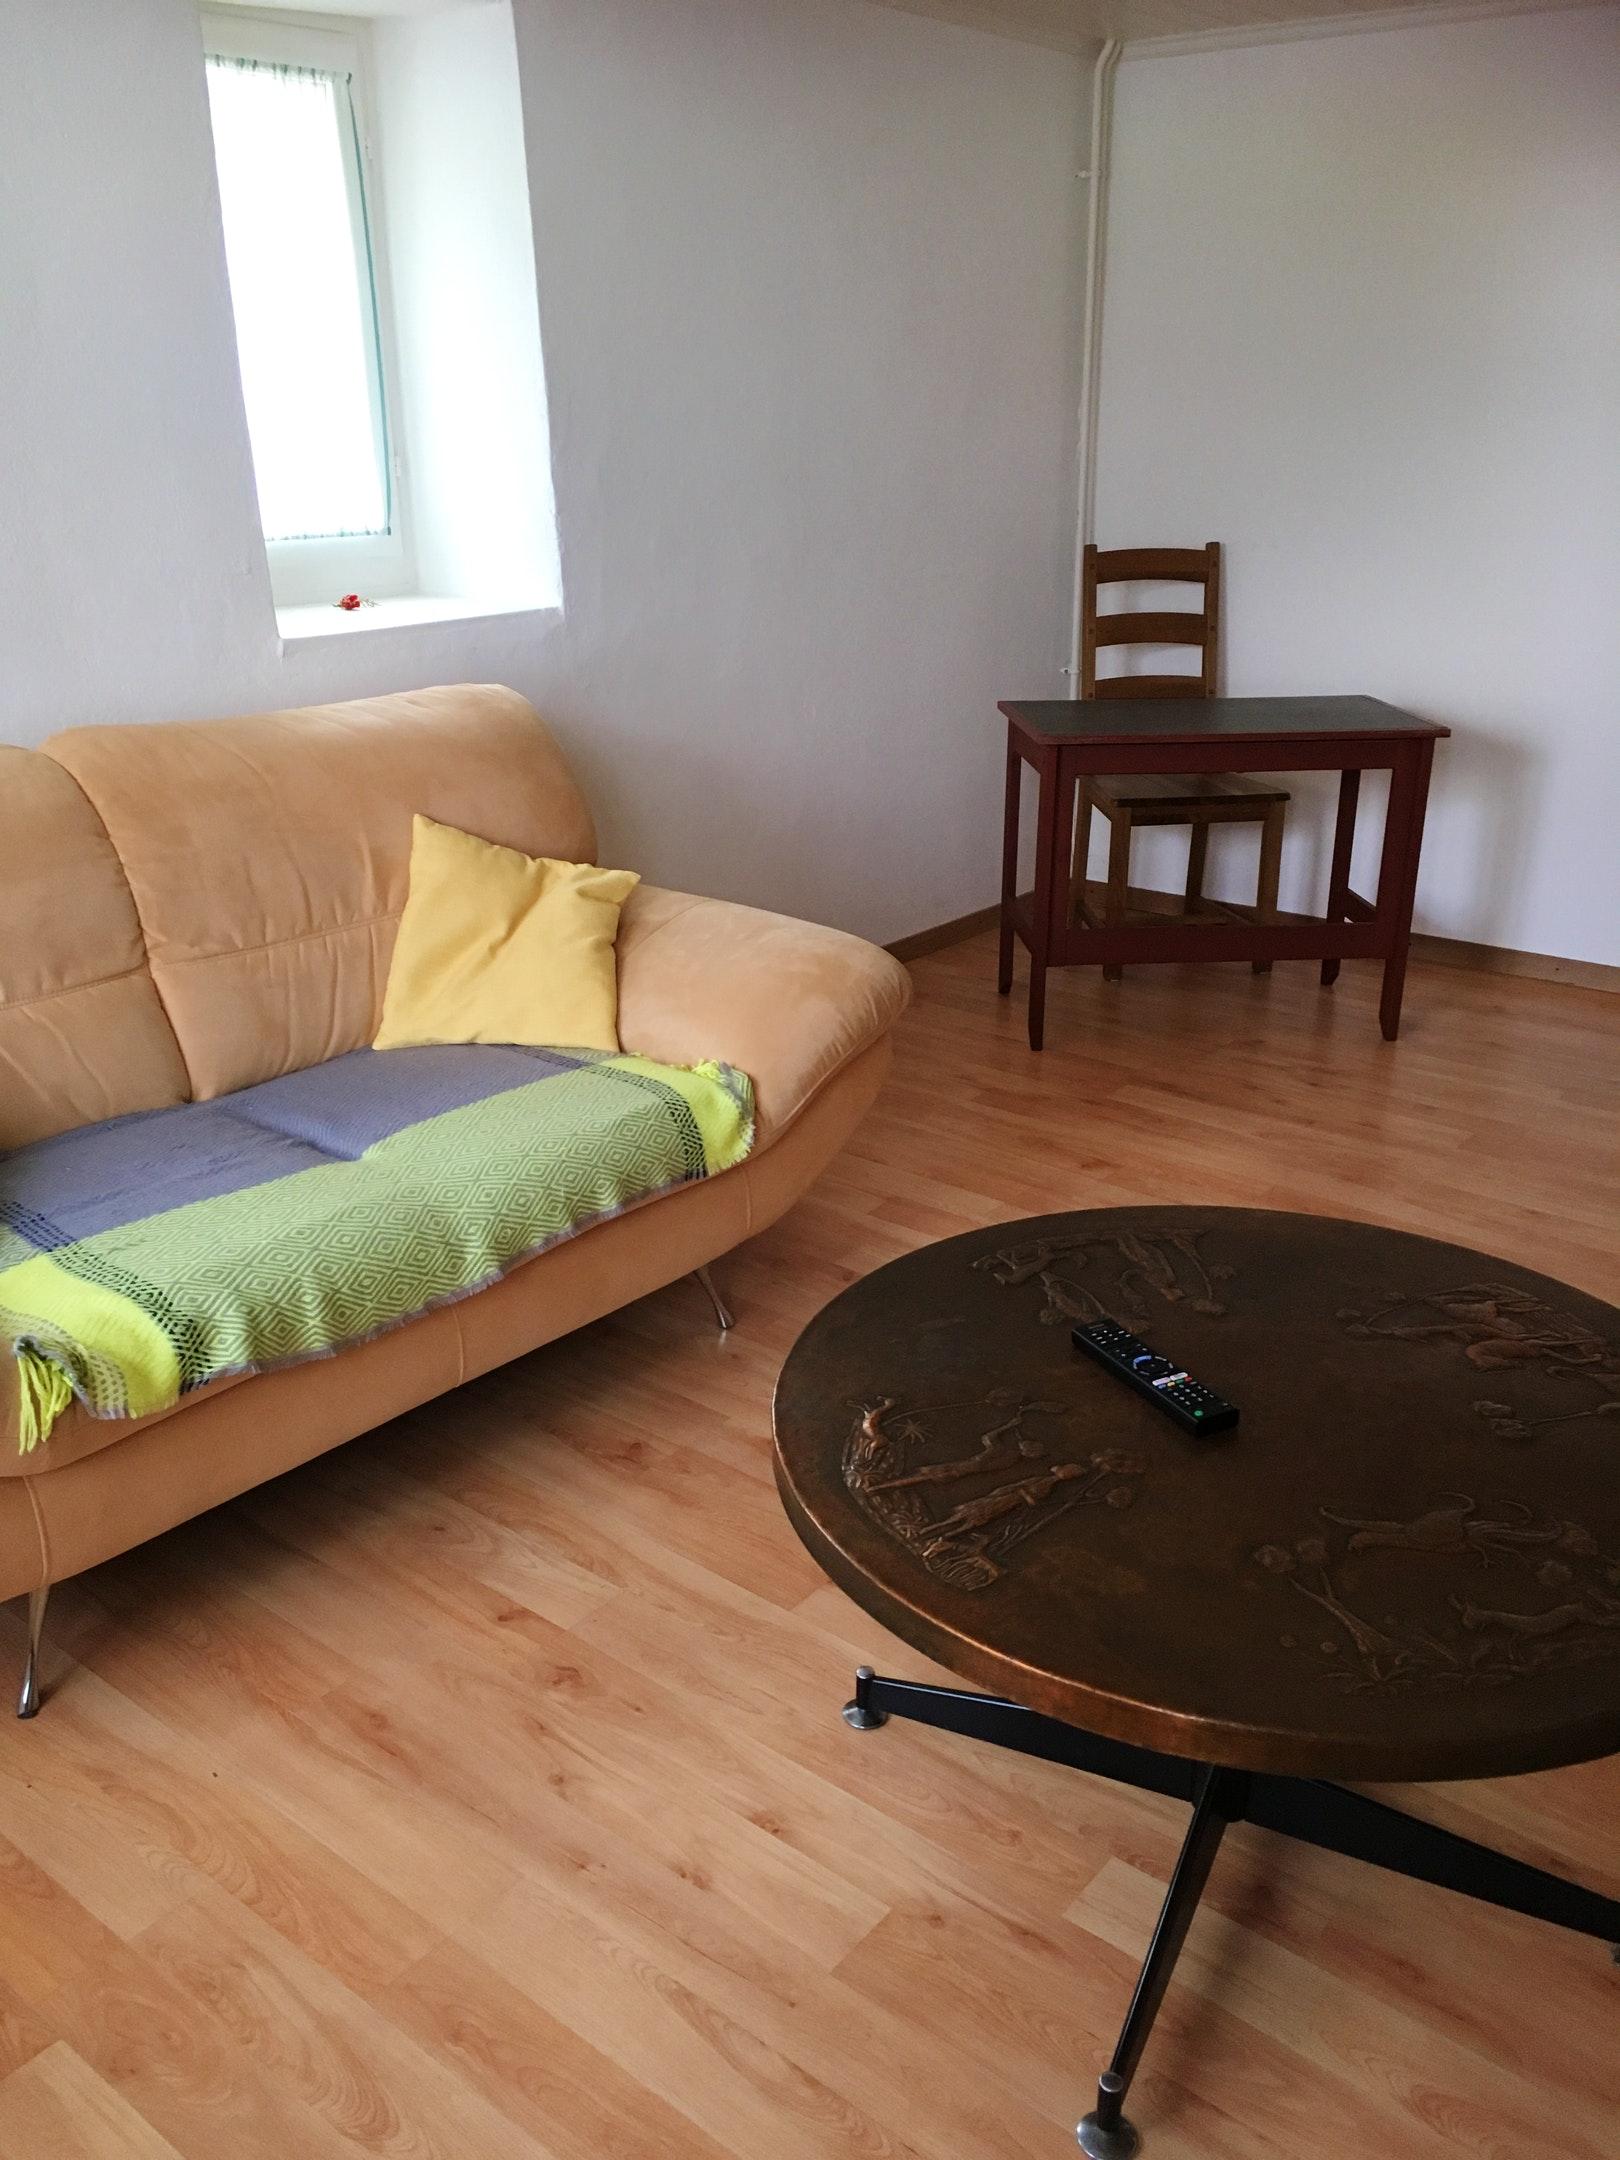 Maison de vacances Haus mit 2 Schlafzimmern in Châbles mit bezauberndem Seeblick, eingezäuntem Garten und W-L (2519223), Châbles FR, Lac de Neuchâtel, Jura - Neuchâtel, Suisse, image 15